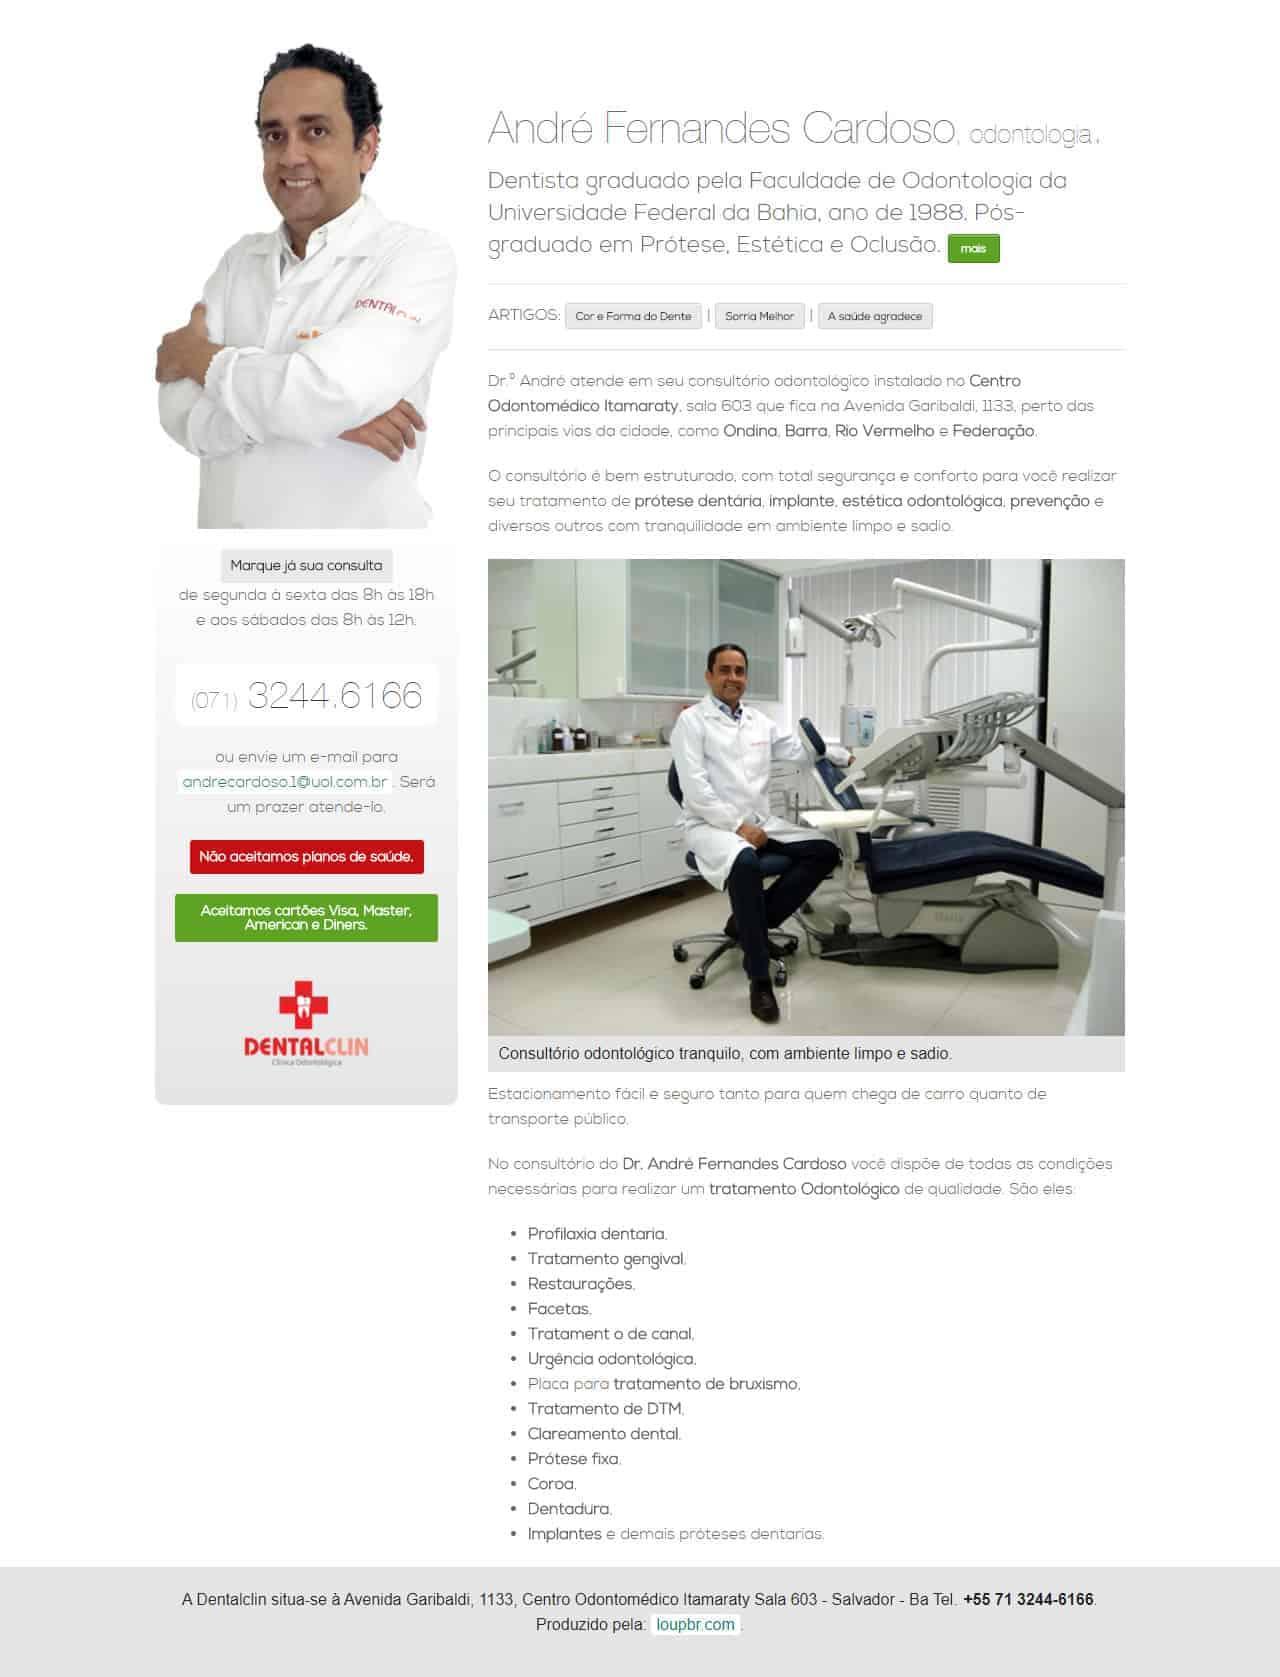 Print da página principal do site andrecardosodentista.com.br